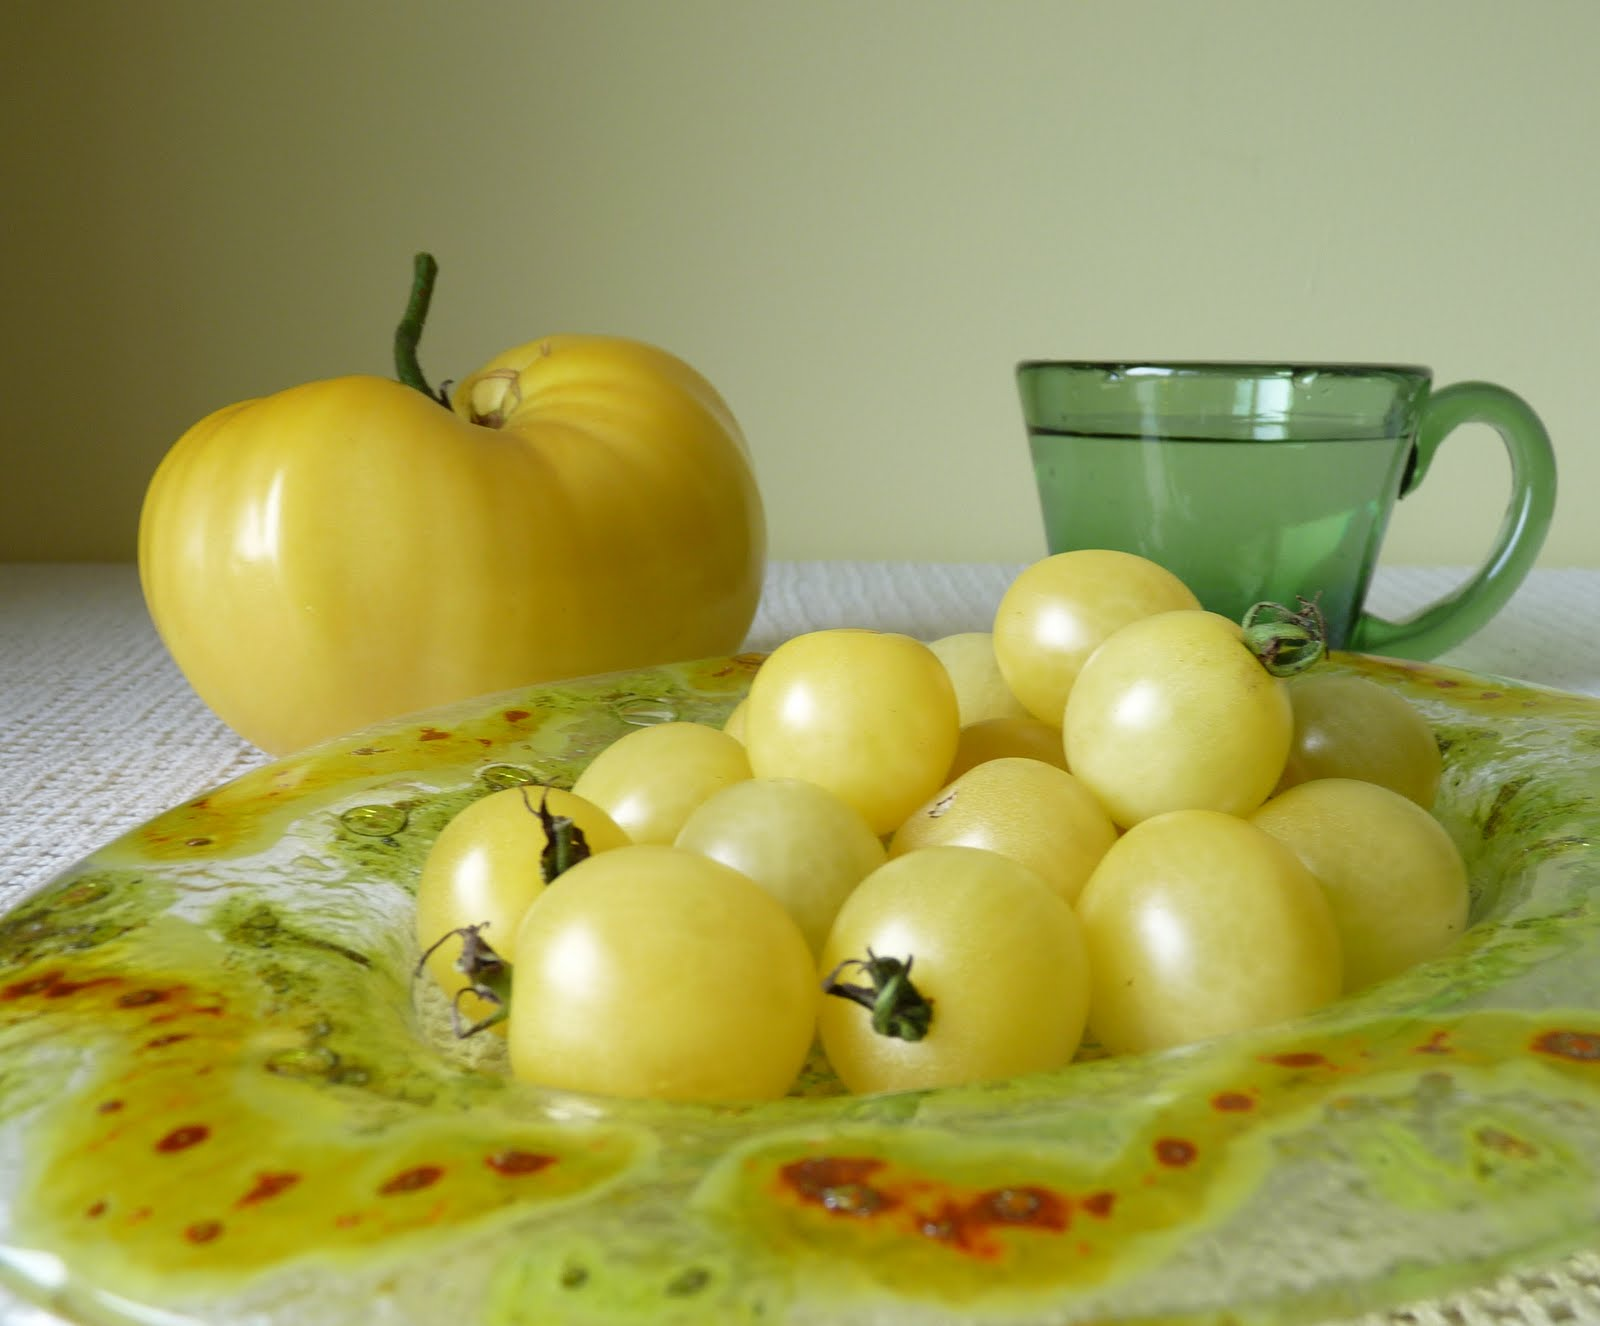 Seasonal Ontario Food: Snow White Cherry Tomato and Great ...